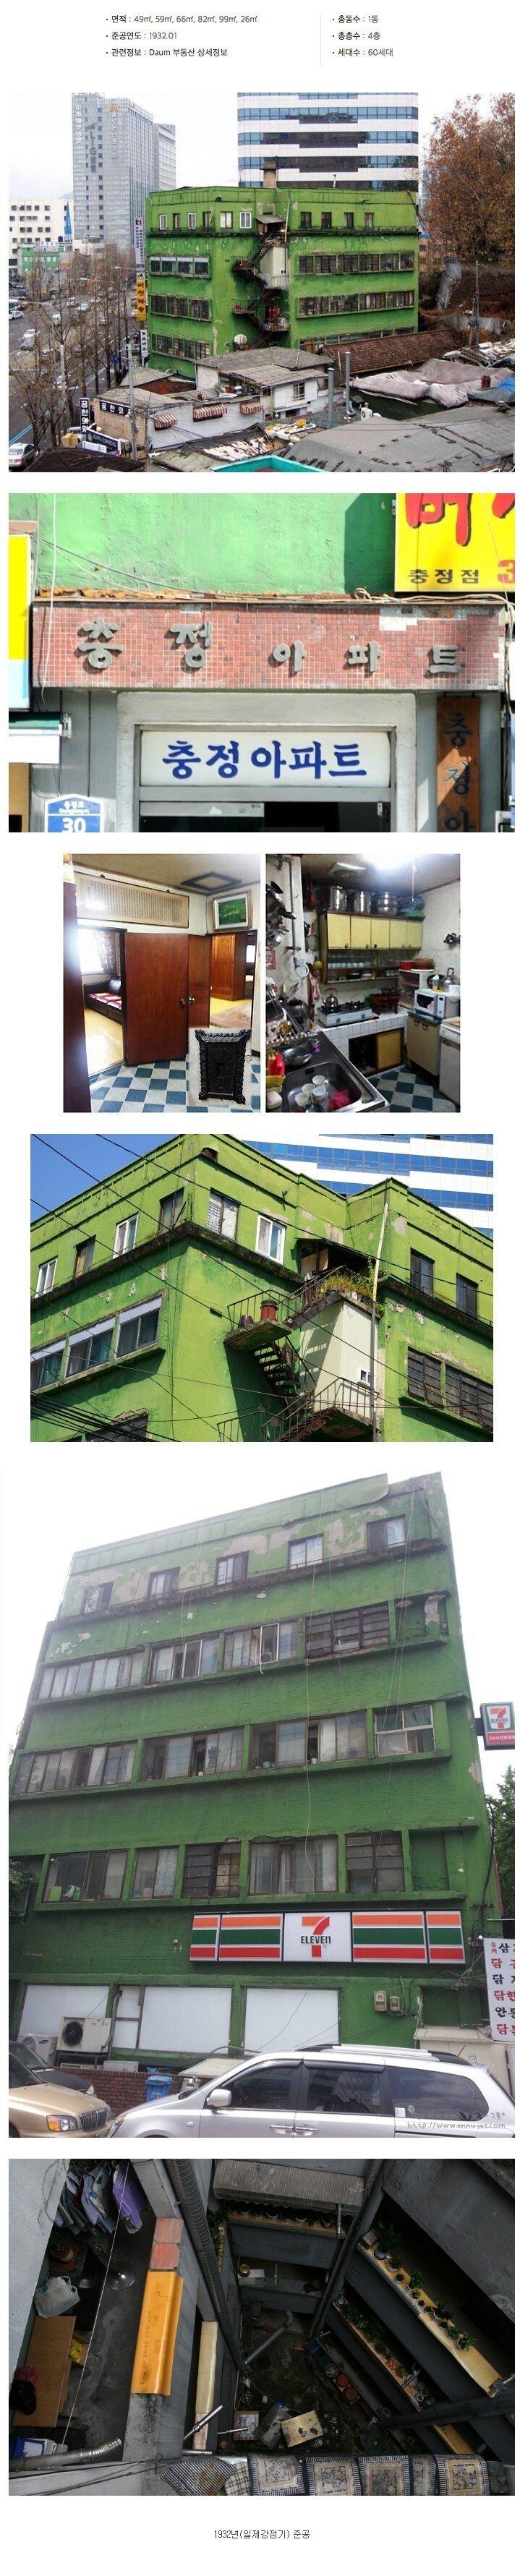 우리나라에서 가장오래된아파트 ㅎㄷㄷ 한국에서 제일 오래된 아파트.JPG